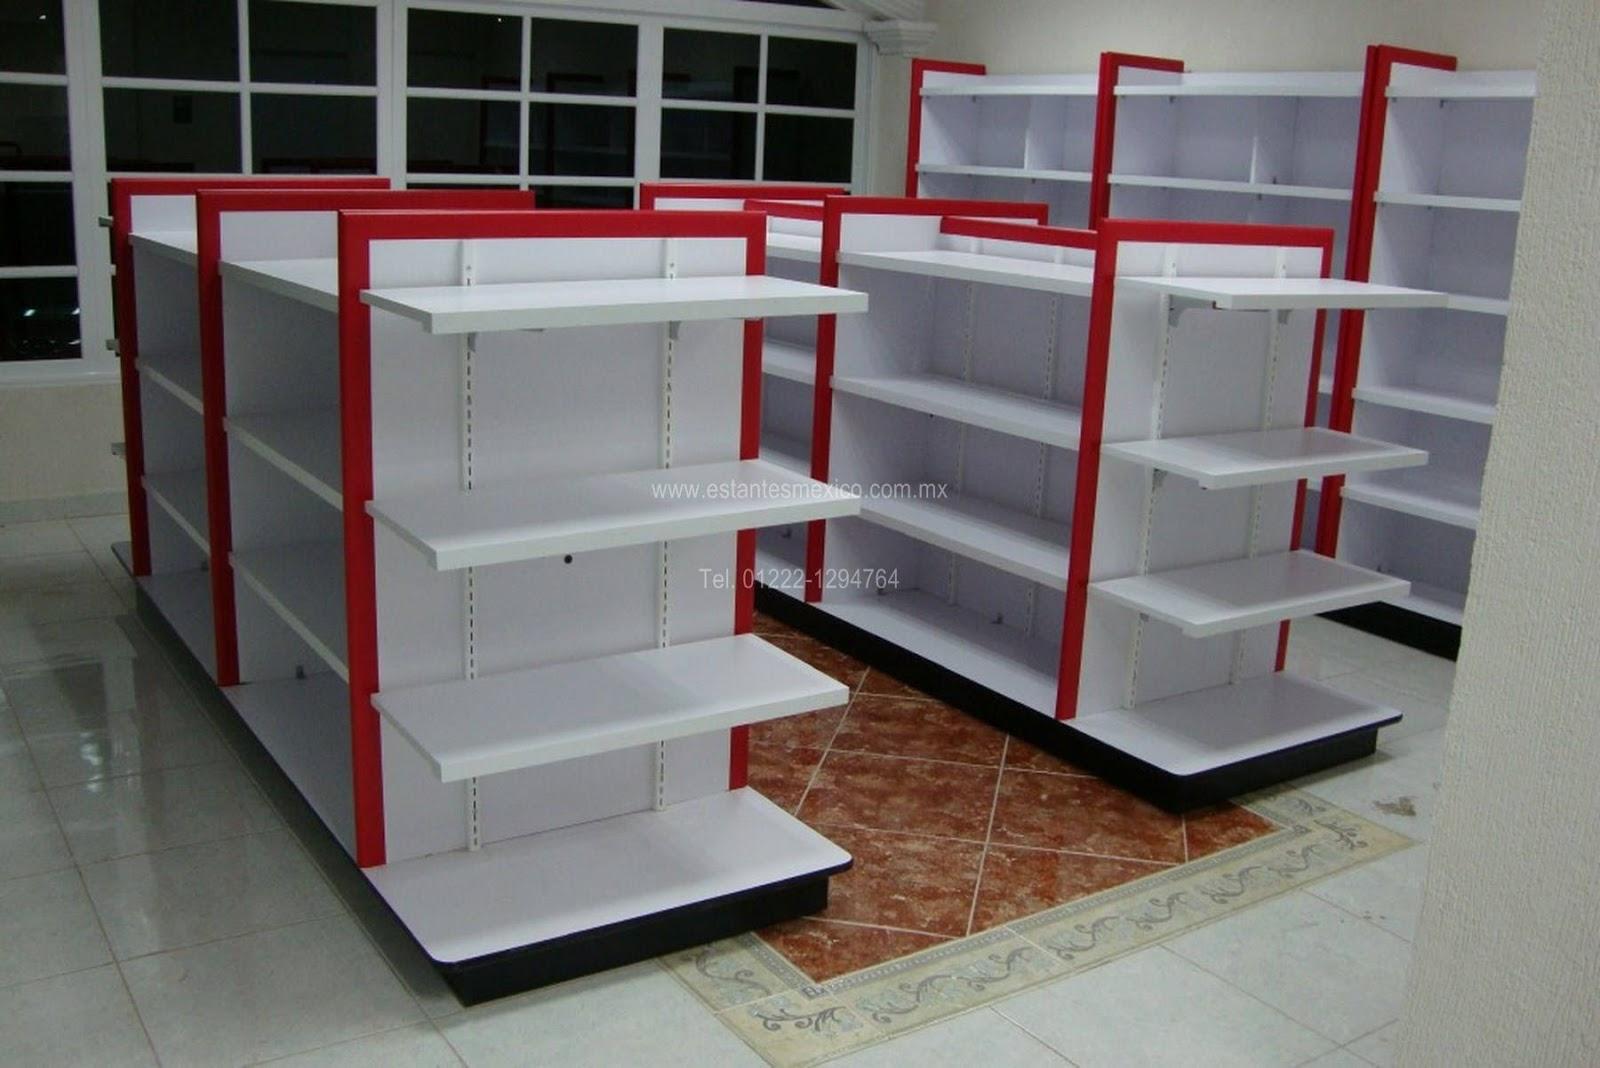 Muebles de tiendas mobiliario de oficina muebles de for Catalogo de muebles de madera mdf